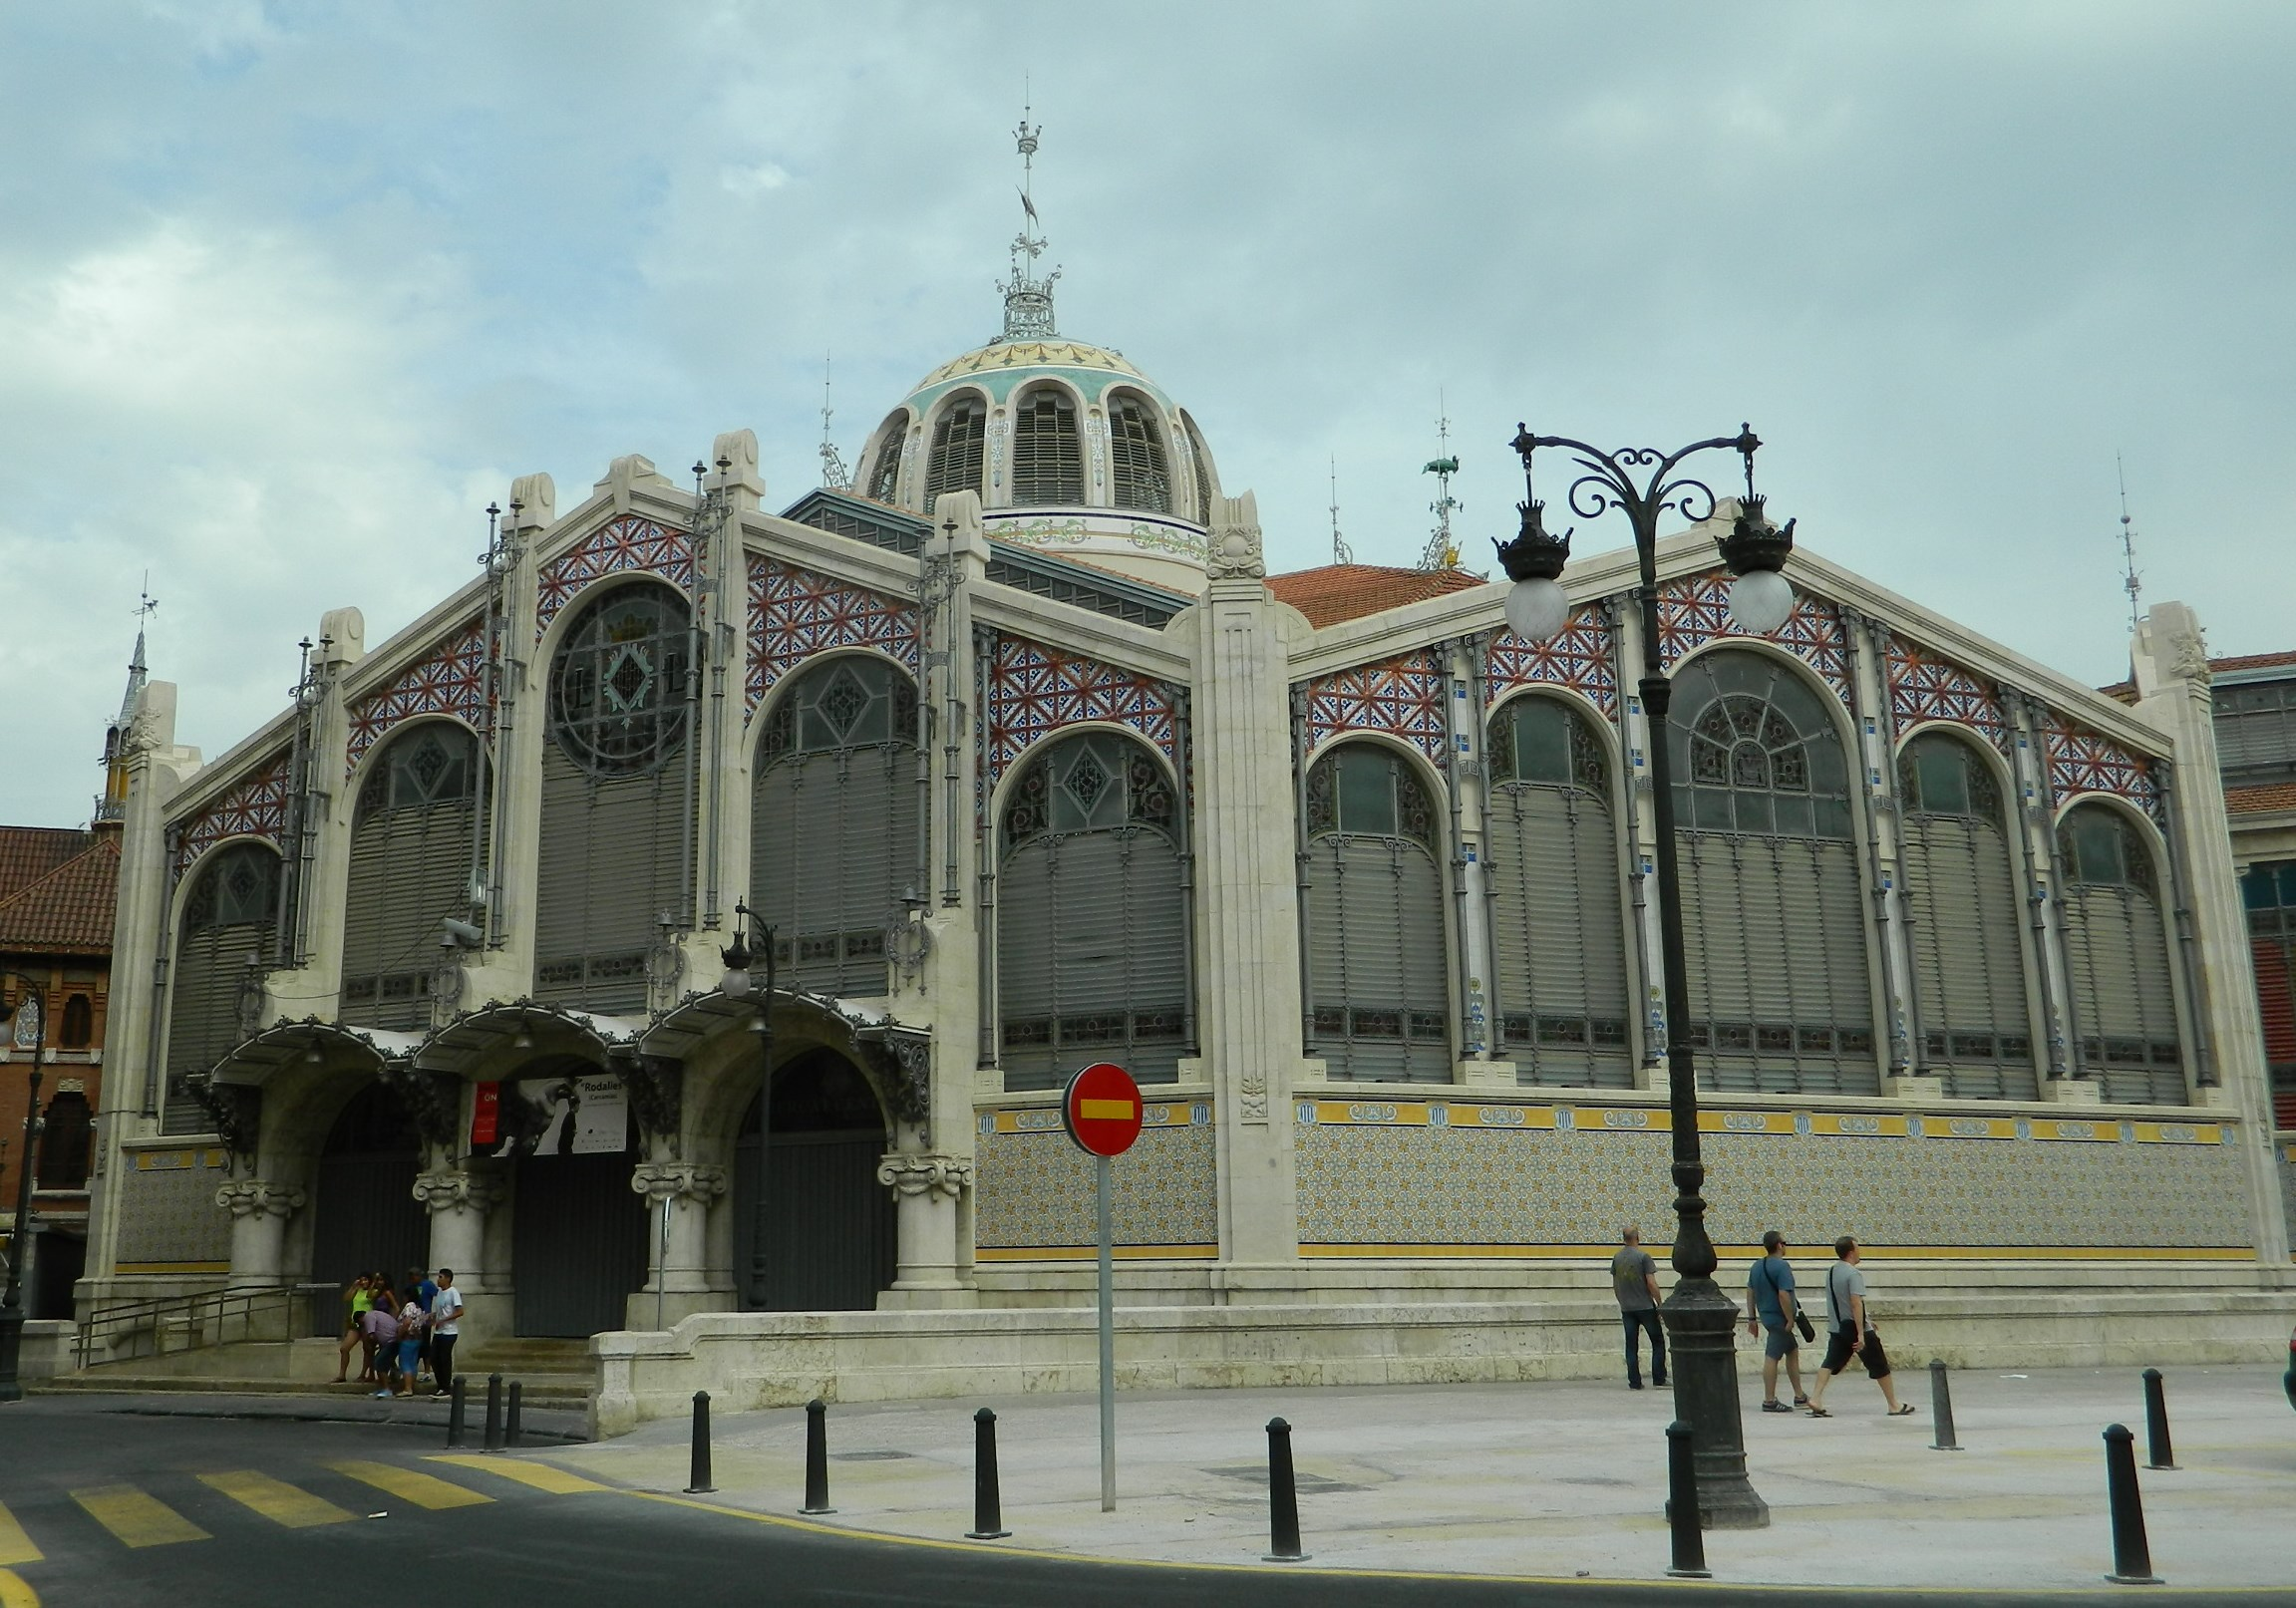 El_Mercado_Central_Valencia_Spain